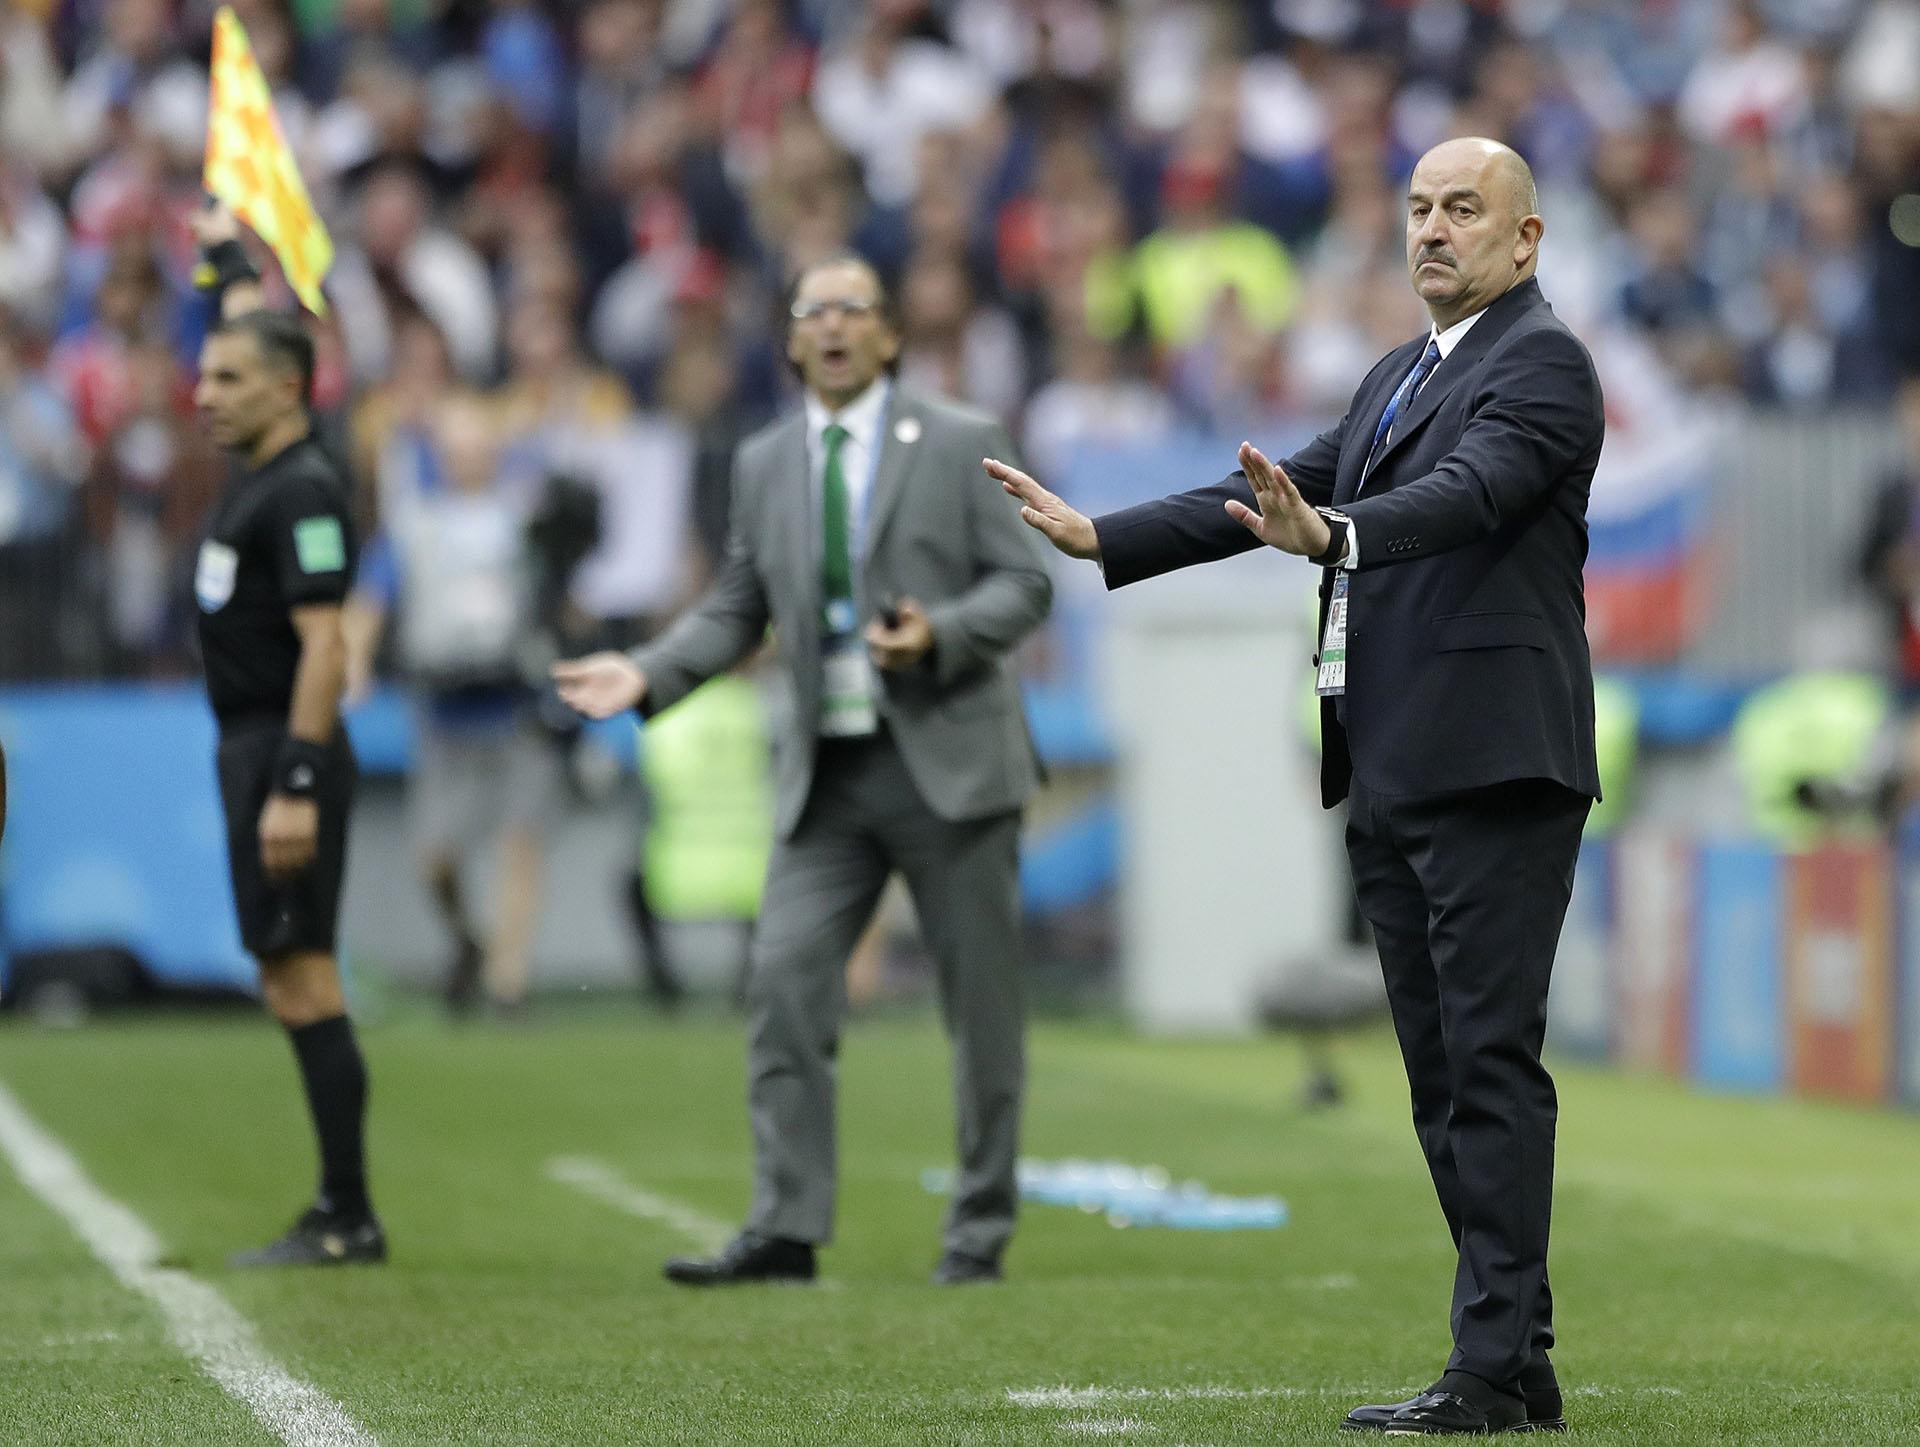 El técnico rusoStanislav Cherchesovy detrás el entrenador de Arabia Saudita, el argentino Juan Antonio Pizzi (AP Photo/Matthias Schrader)